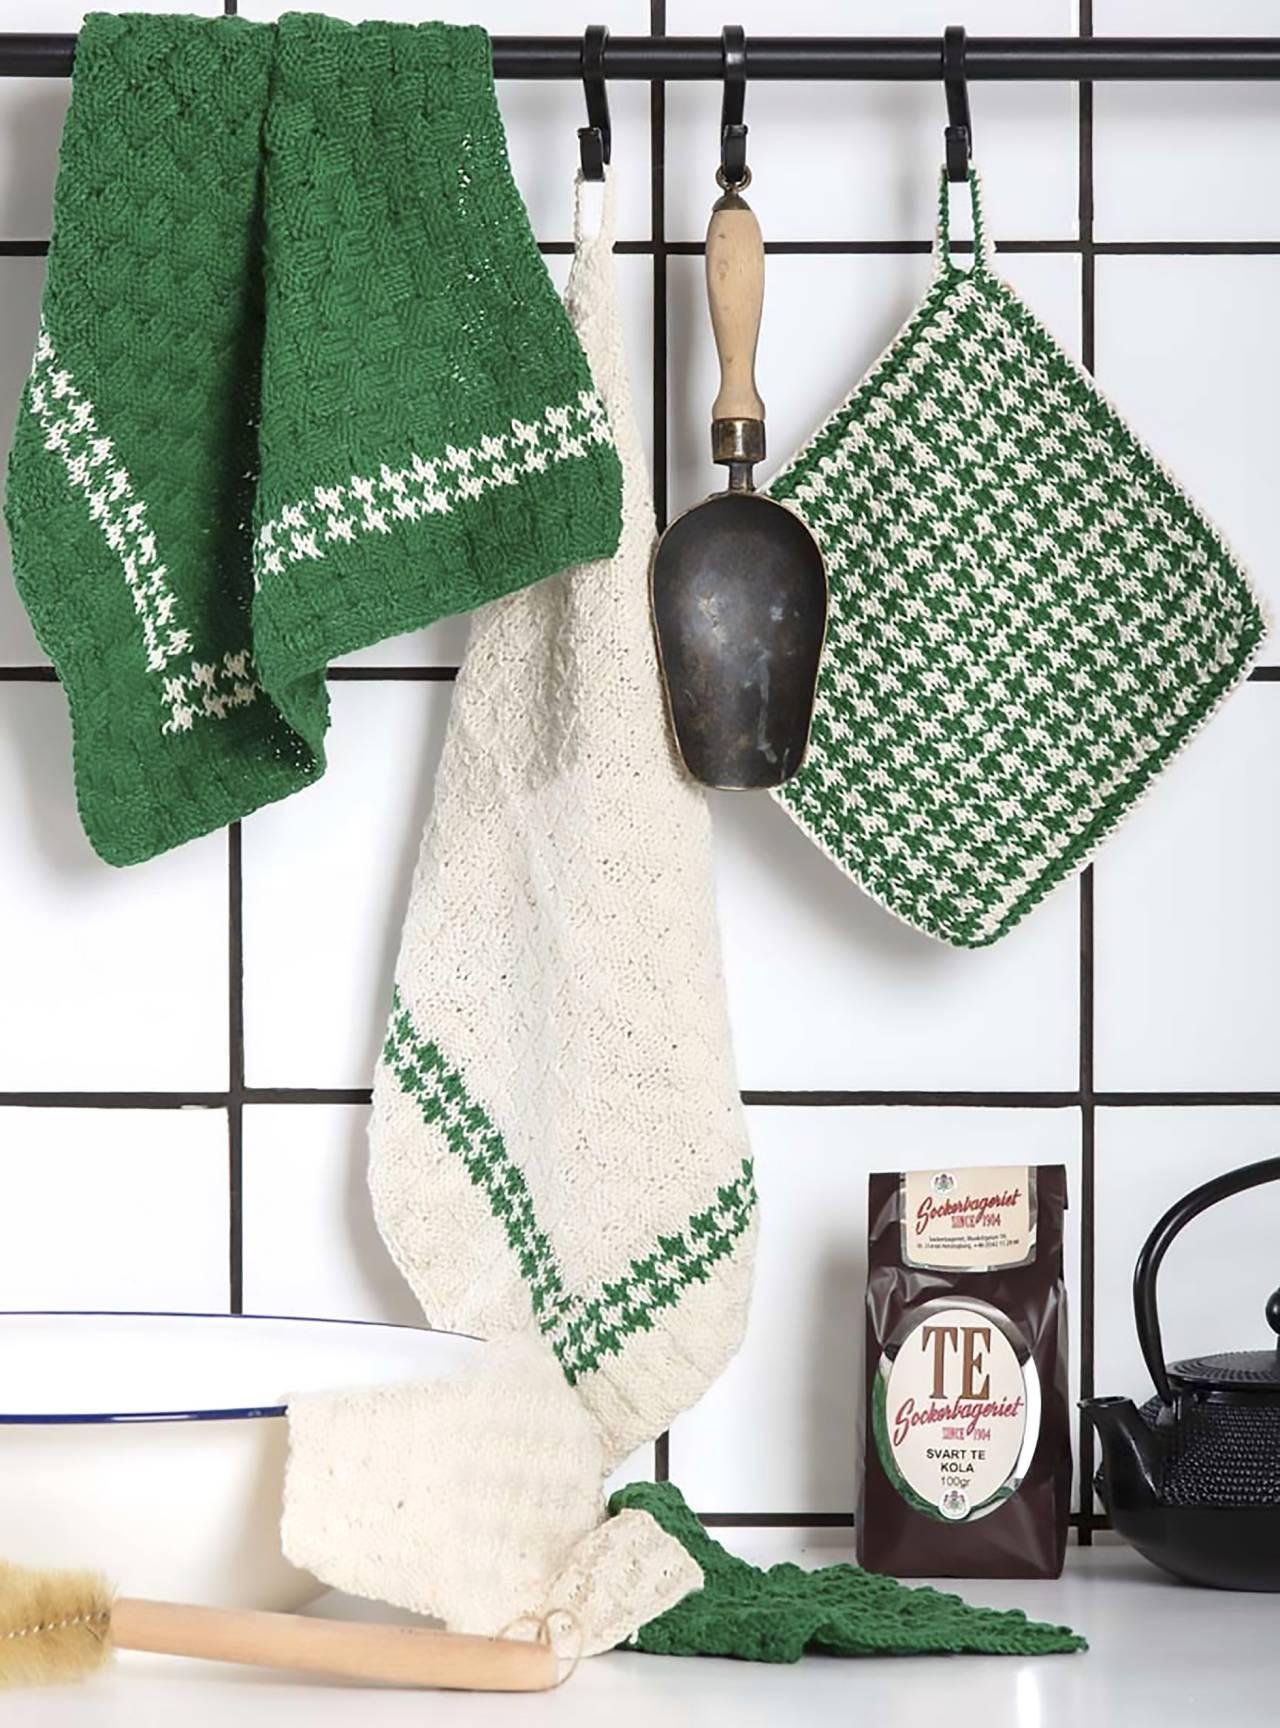 Stickade kökshanddukar, grytlappar och disktrasor hänger på rad i ett kök